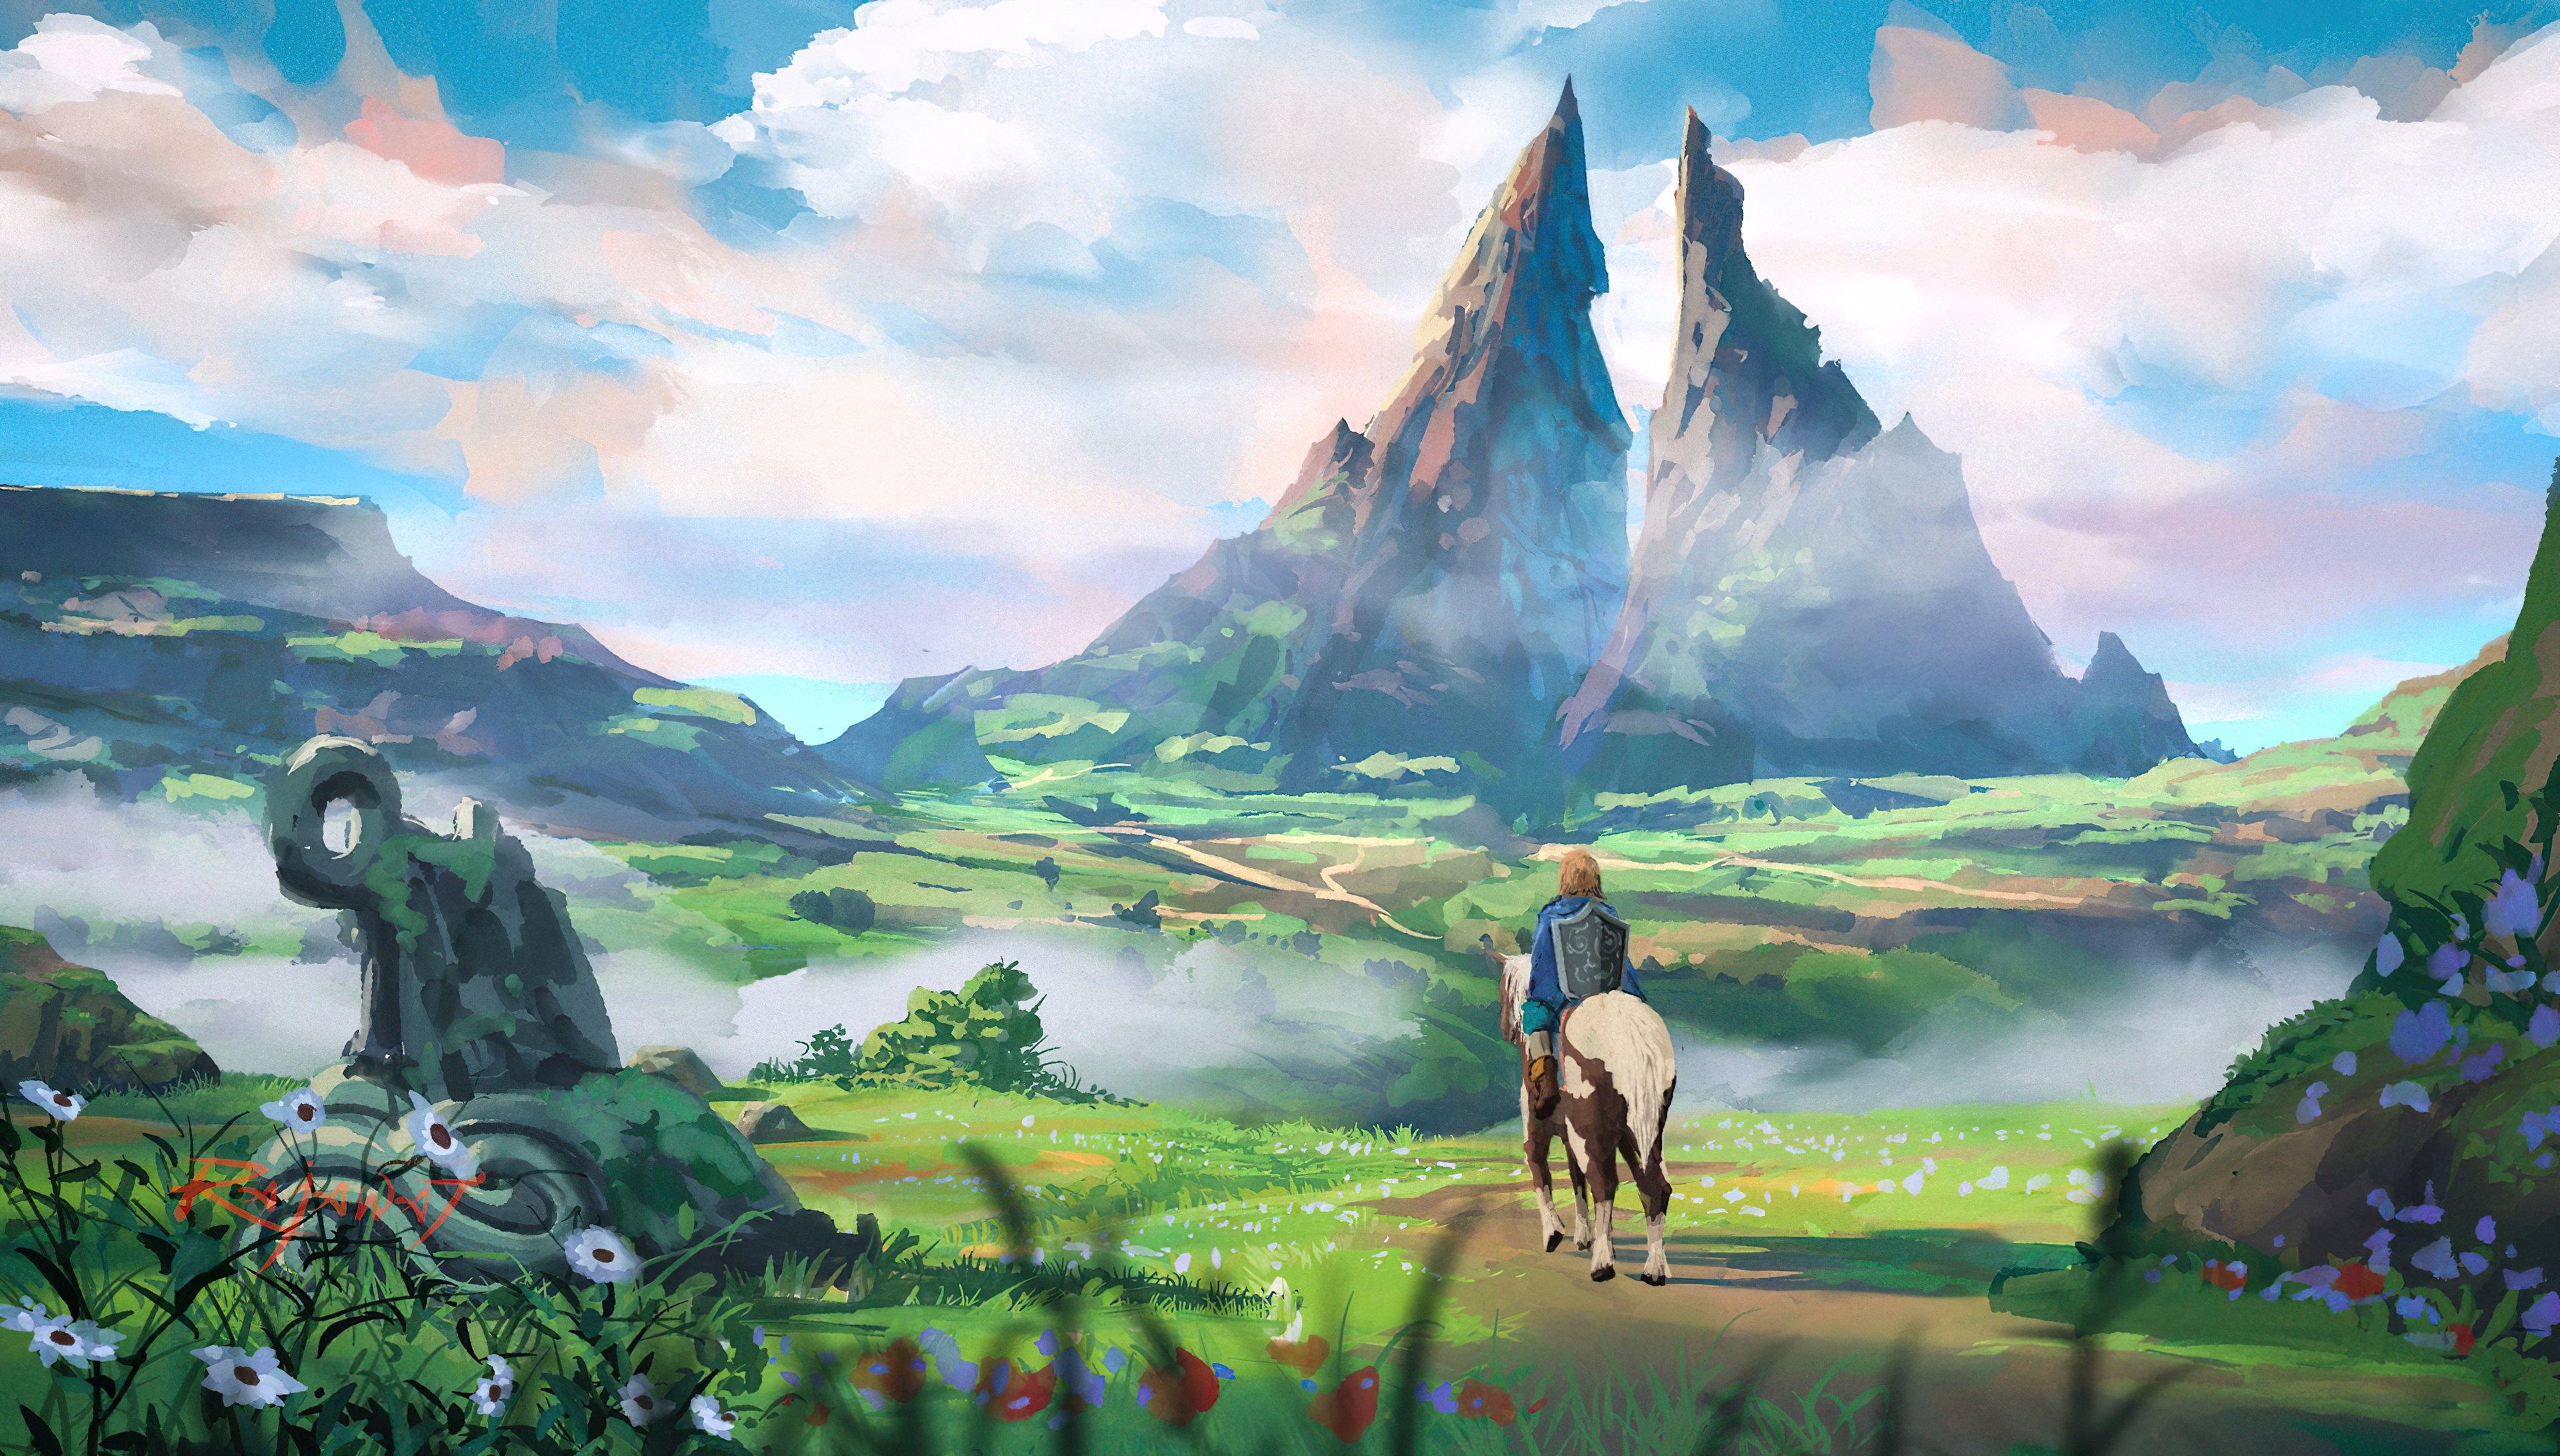 Fondos de pantalla Naturaleza en The Legend of Zelda